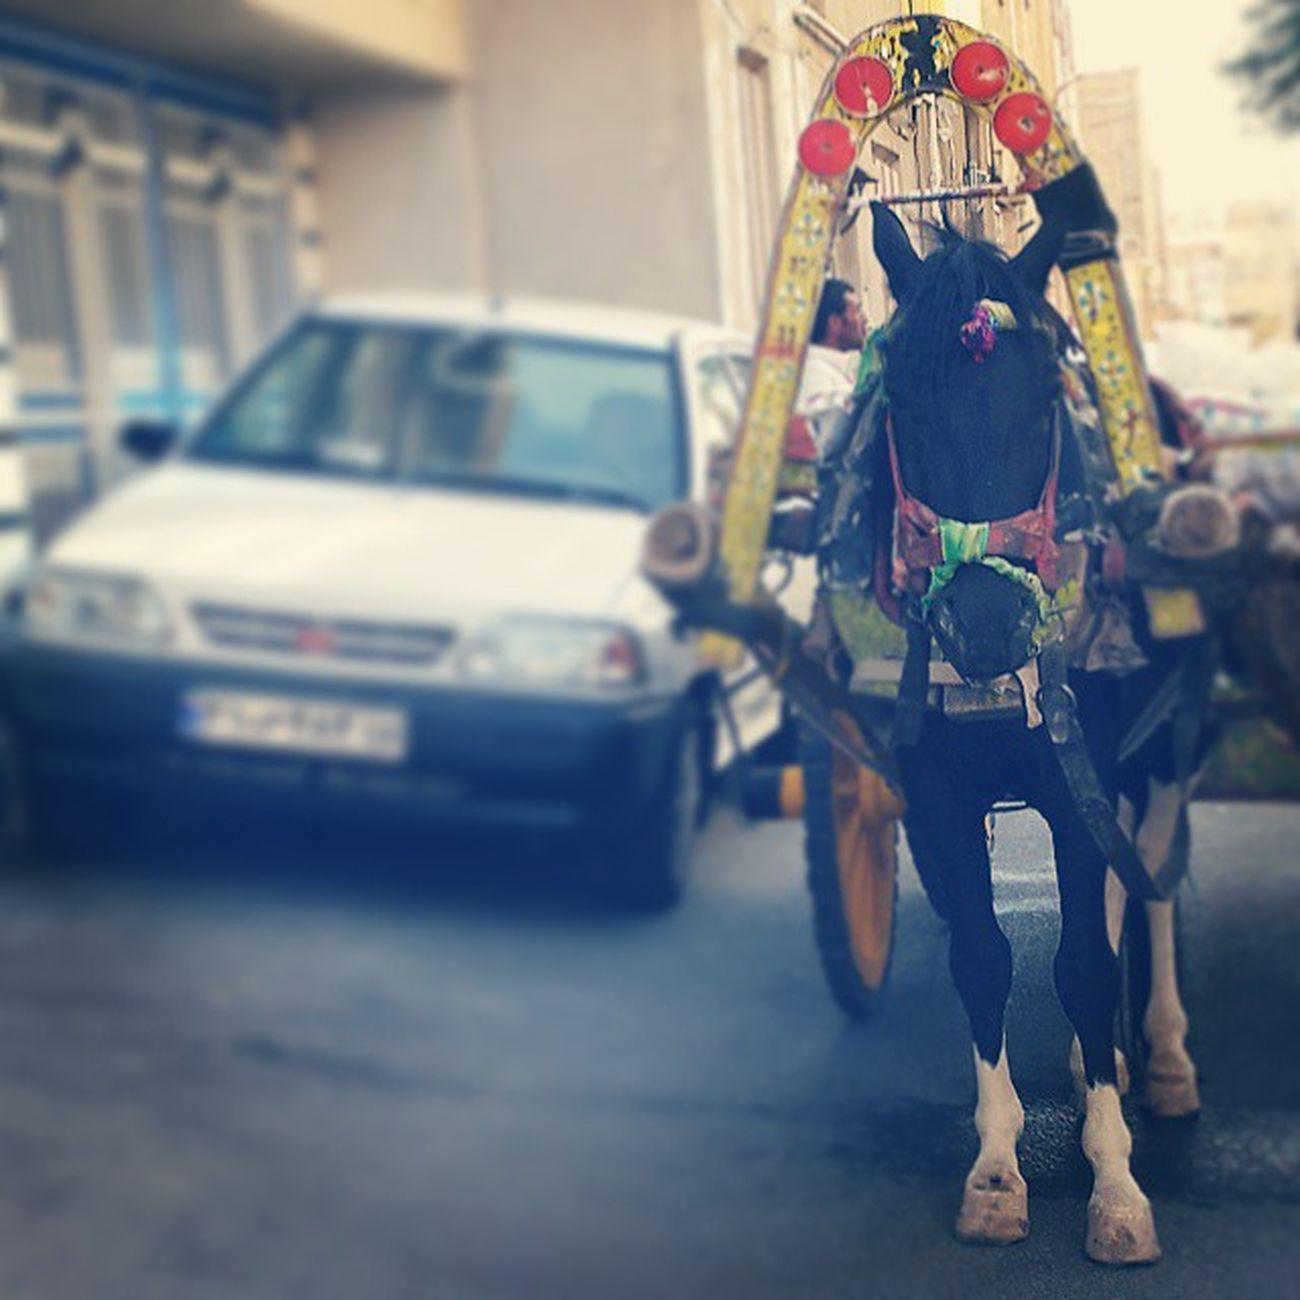 هنوز نسل مرده زنده است این چرخ فلک که ما در او حیرانیم فانوس خیال از او مثالی دانیم خورشید چراغ دان و عالم فانوس ما چون صوریم کاندر او حیرانیم اسب قاطر الاغ و یا خر با گاری یا همون درشکه کنار ماشین پراید